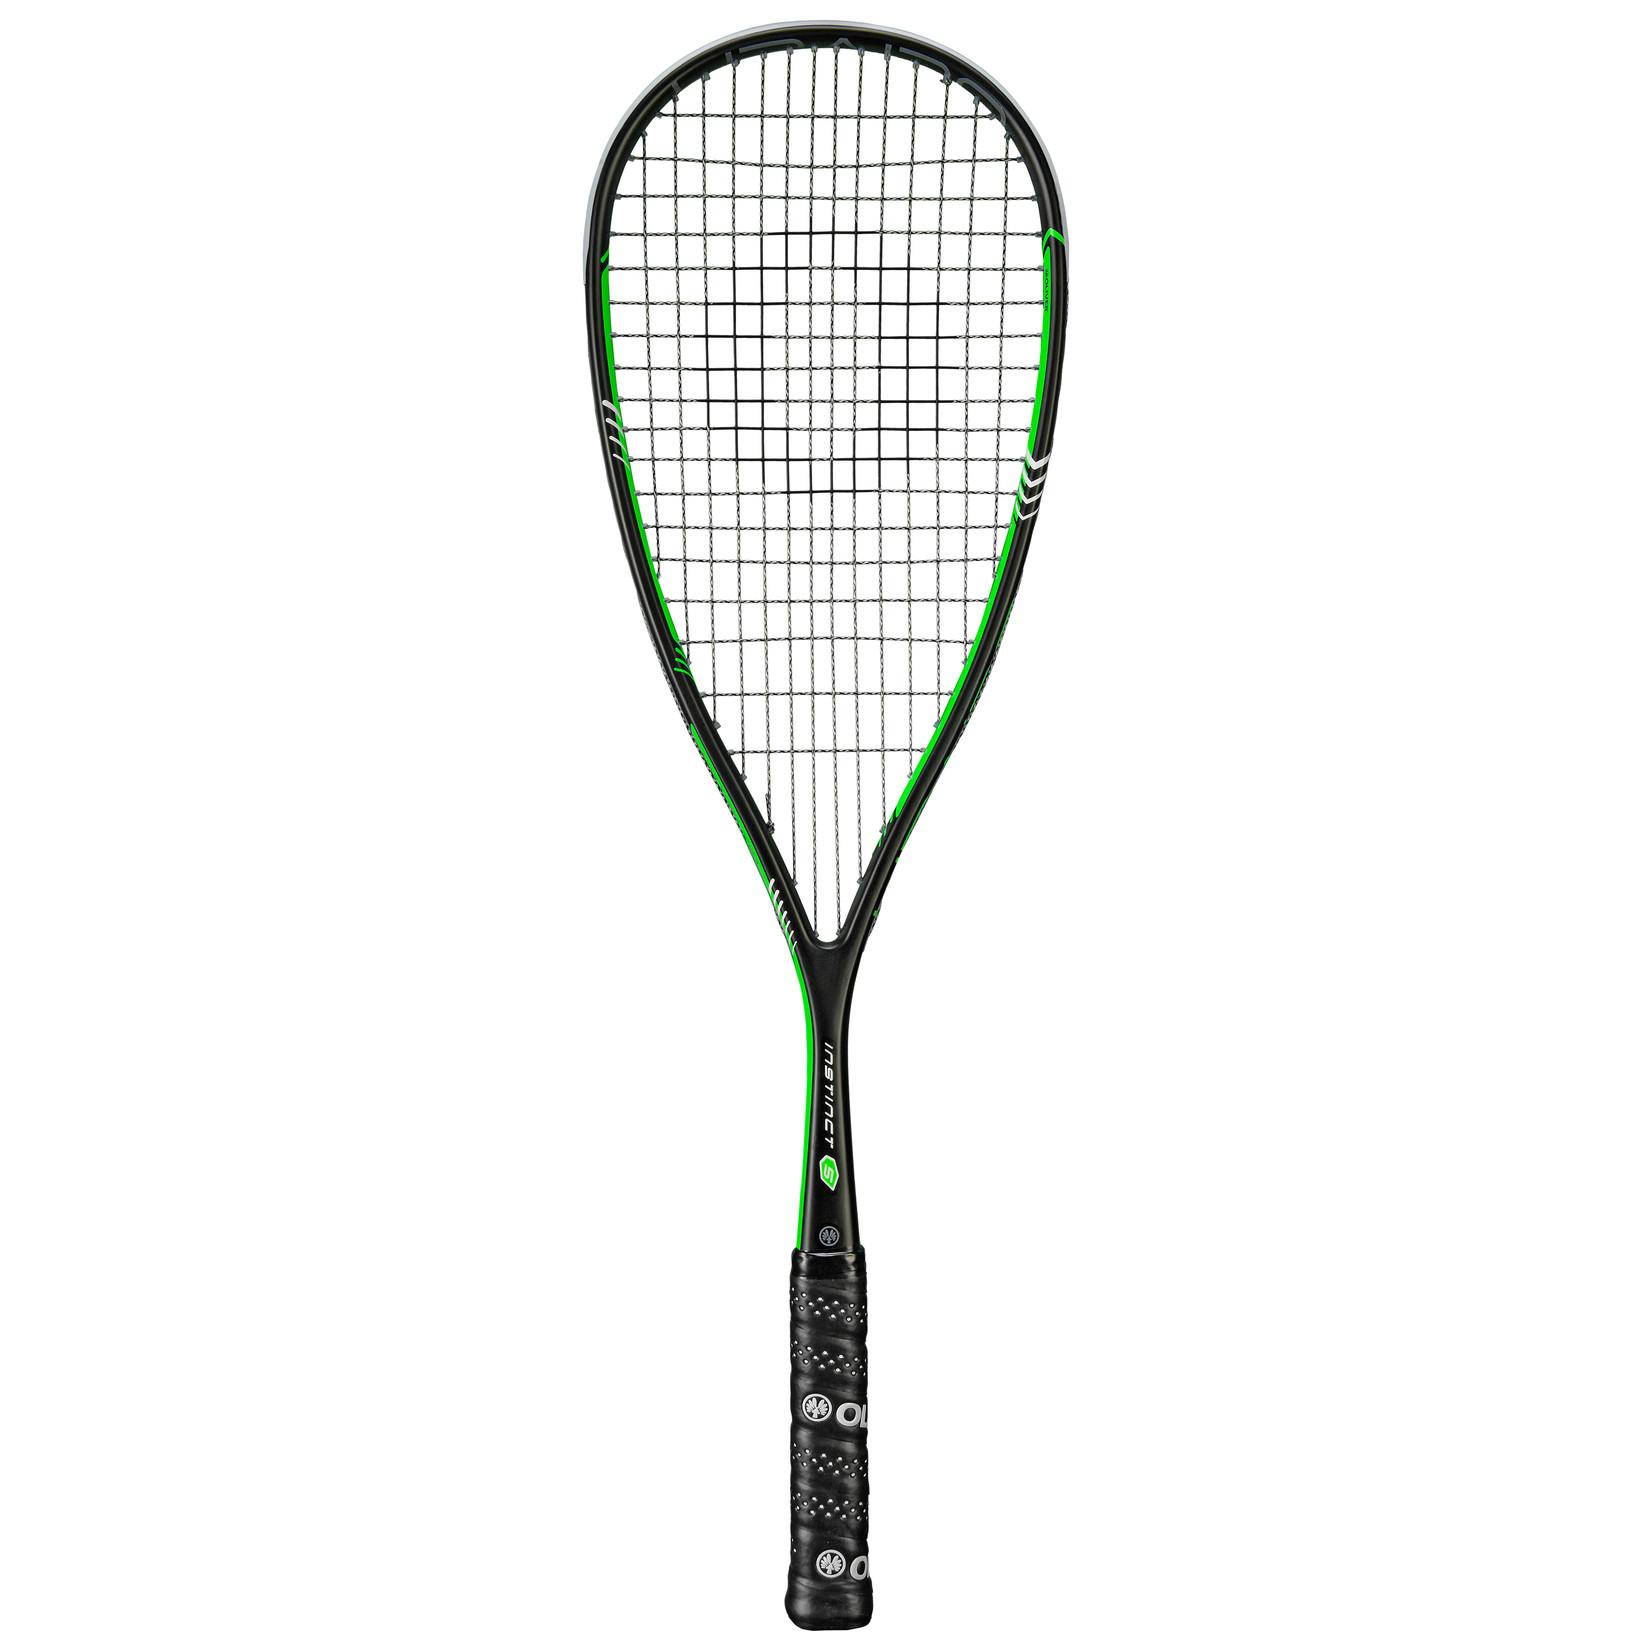 Oliver Instinct 5CL squashracket